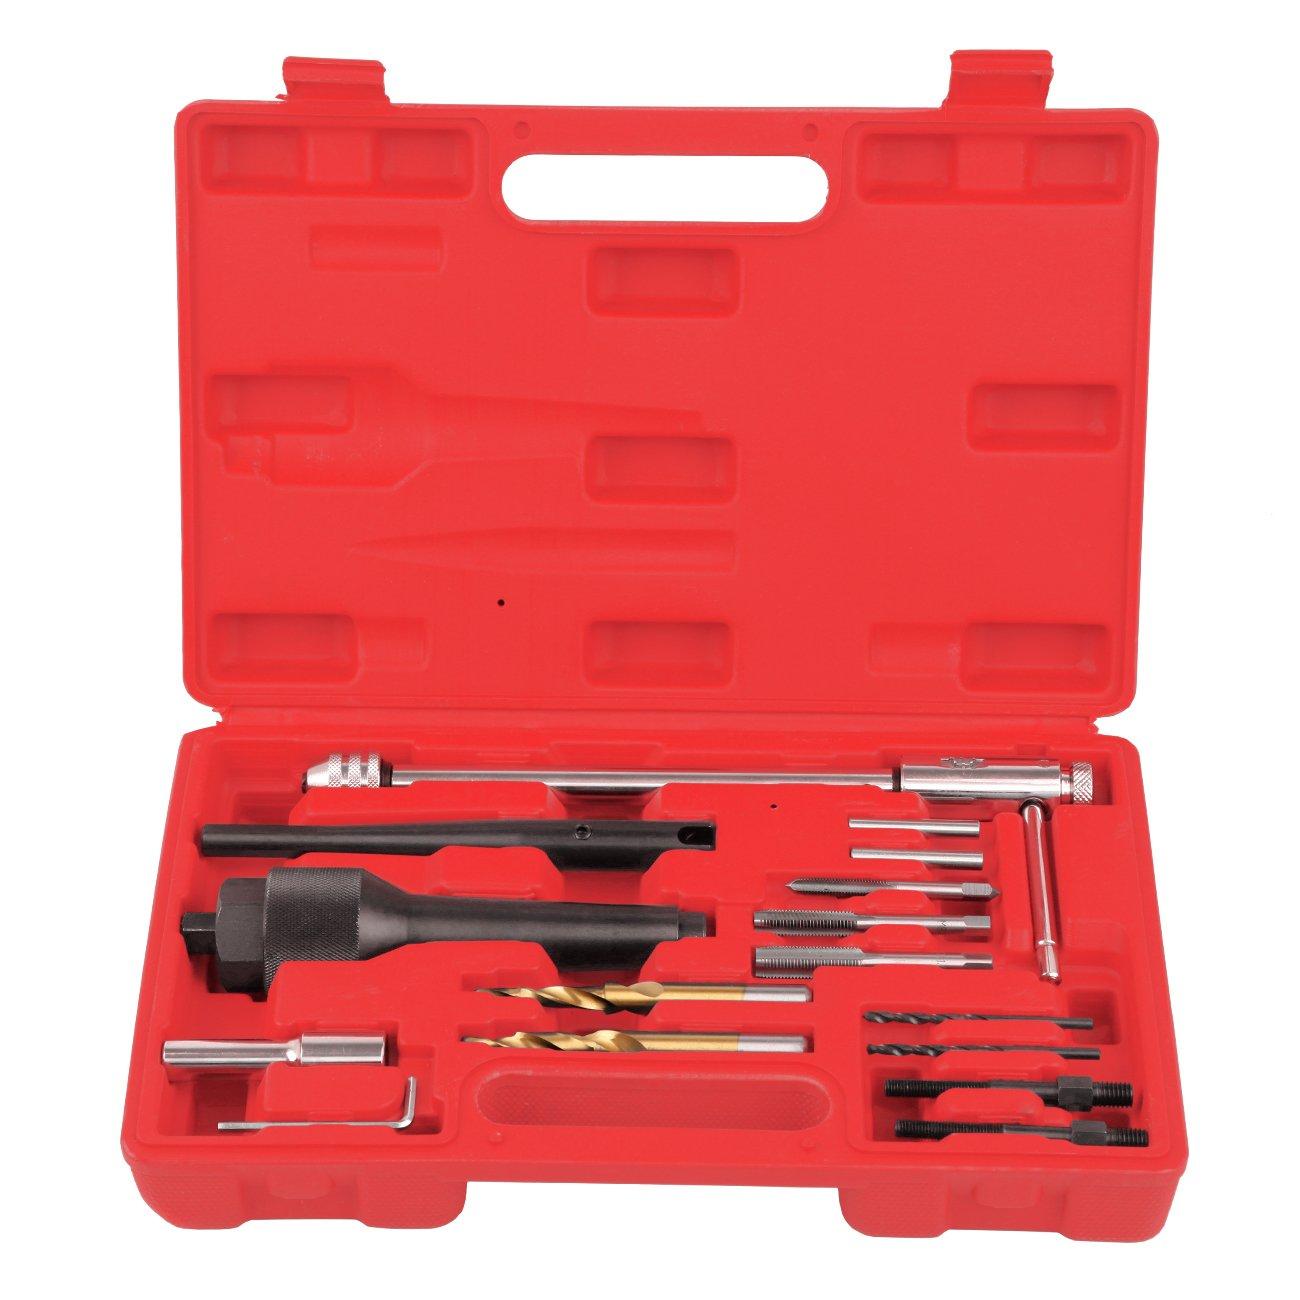 Ambienceo - Kit di rimozione per candelette di preriscaldamento difficili da estrarre o danneggiate da 1/4 di pollice / 8 e 10 mm, 16 pezzi, con custodia